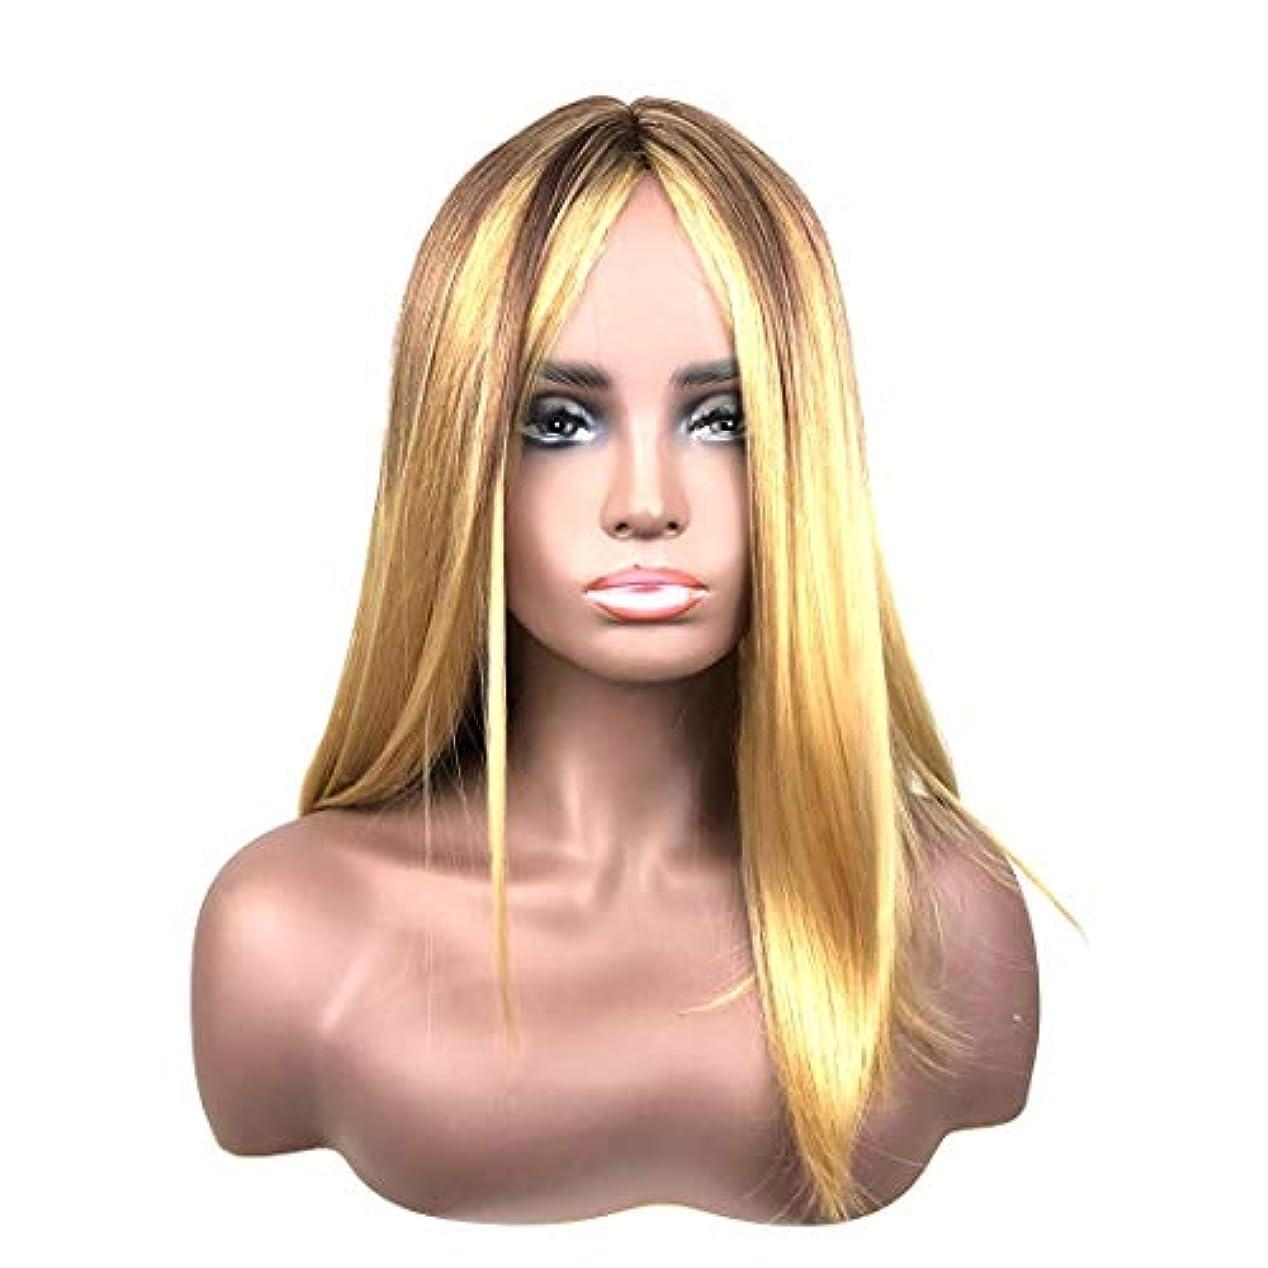 から聞くひばり束ねるKerwinner 前髪合成耐熱性女性のヘアスタイルと短いふわふわボブ変態ストレートヘアウィッグ